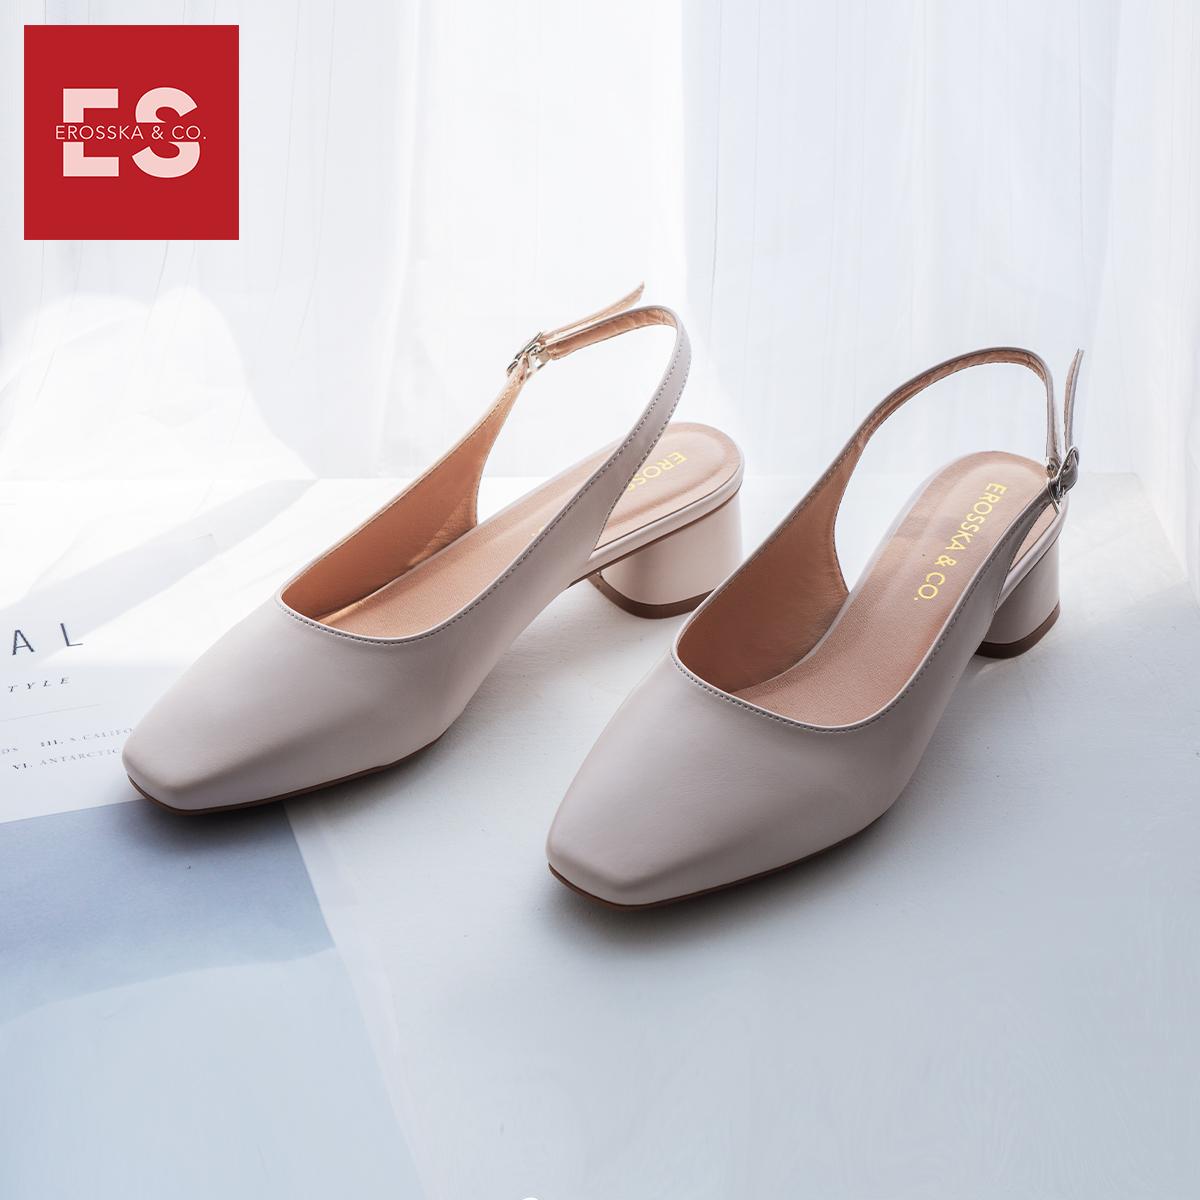 Giày nư , gia y cao gót slingback Erosska mũi vuông kiểu dáng basic gót vuông vững chắc cao 5cm - EL013 4